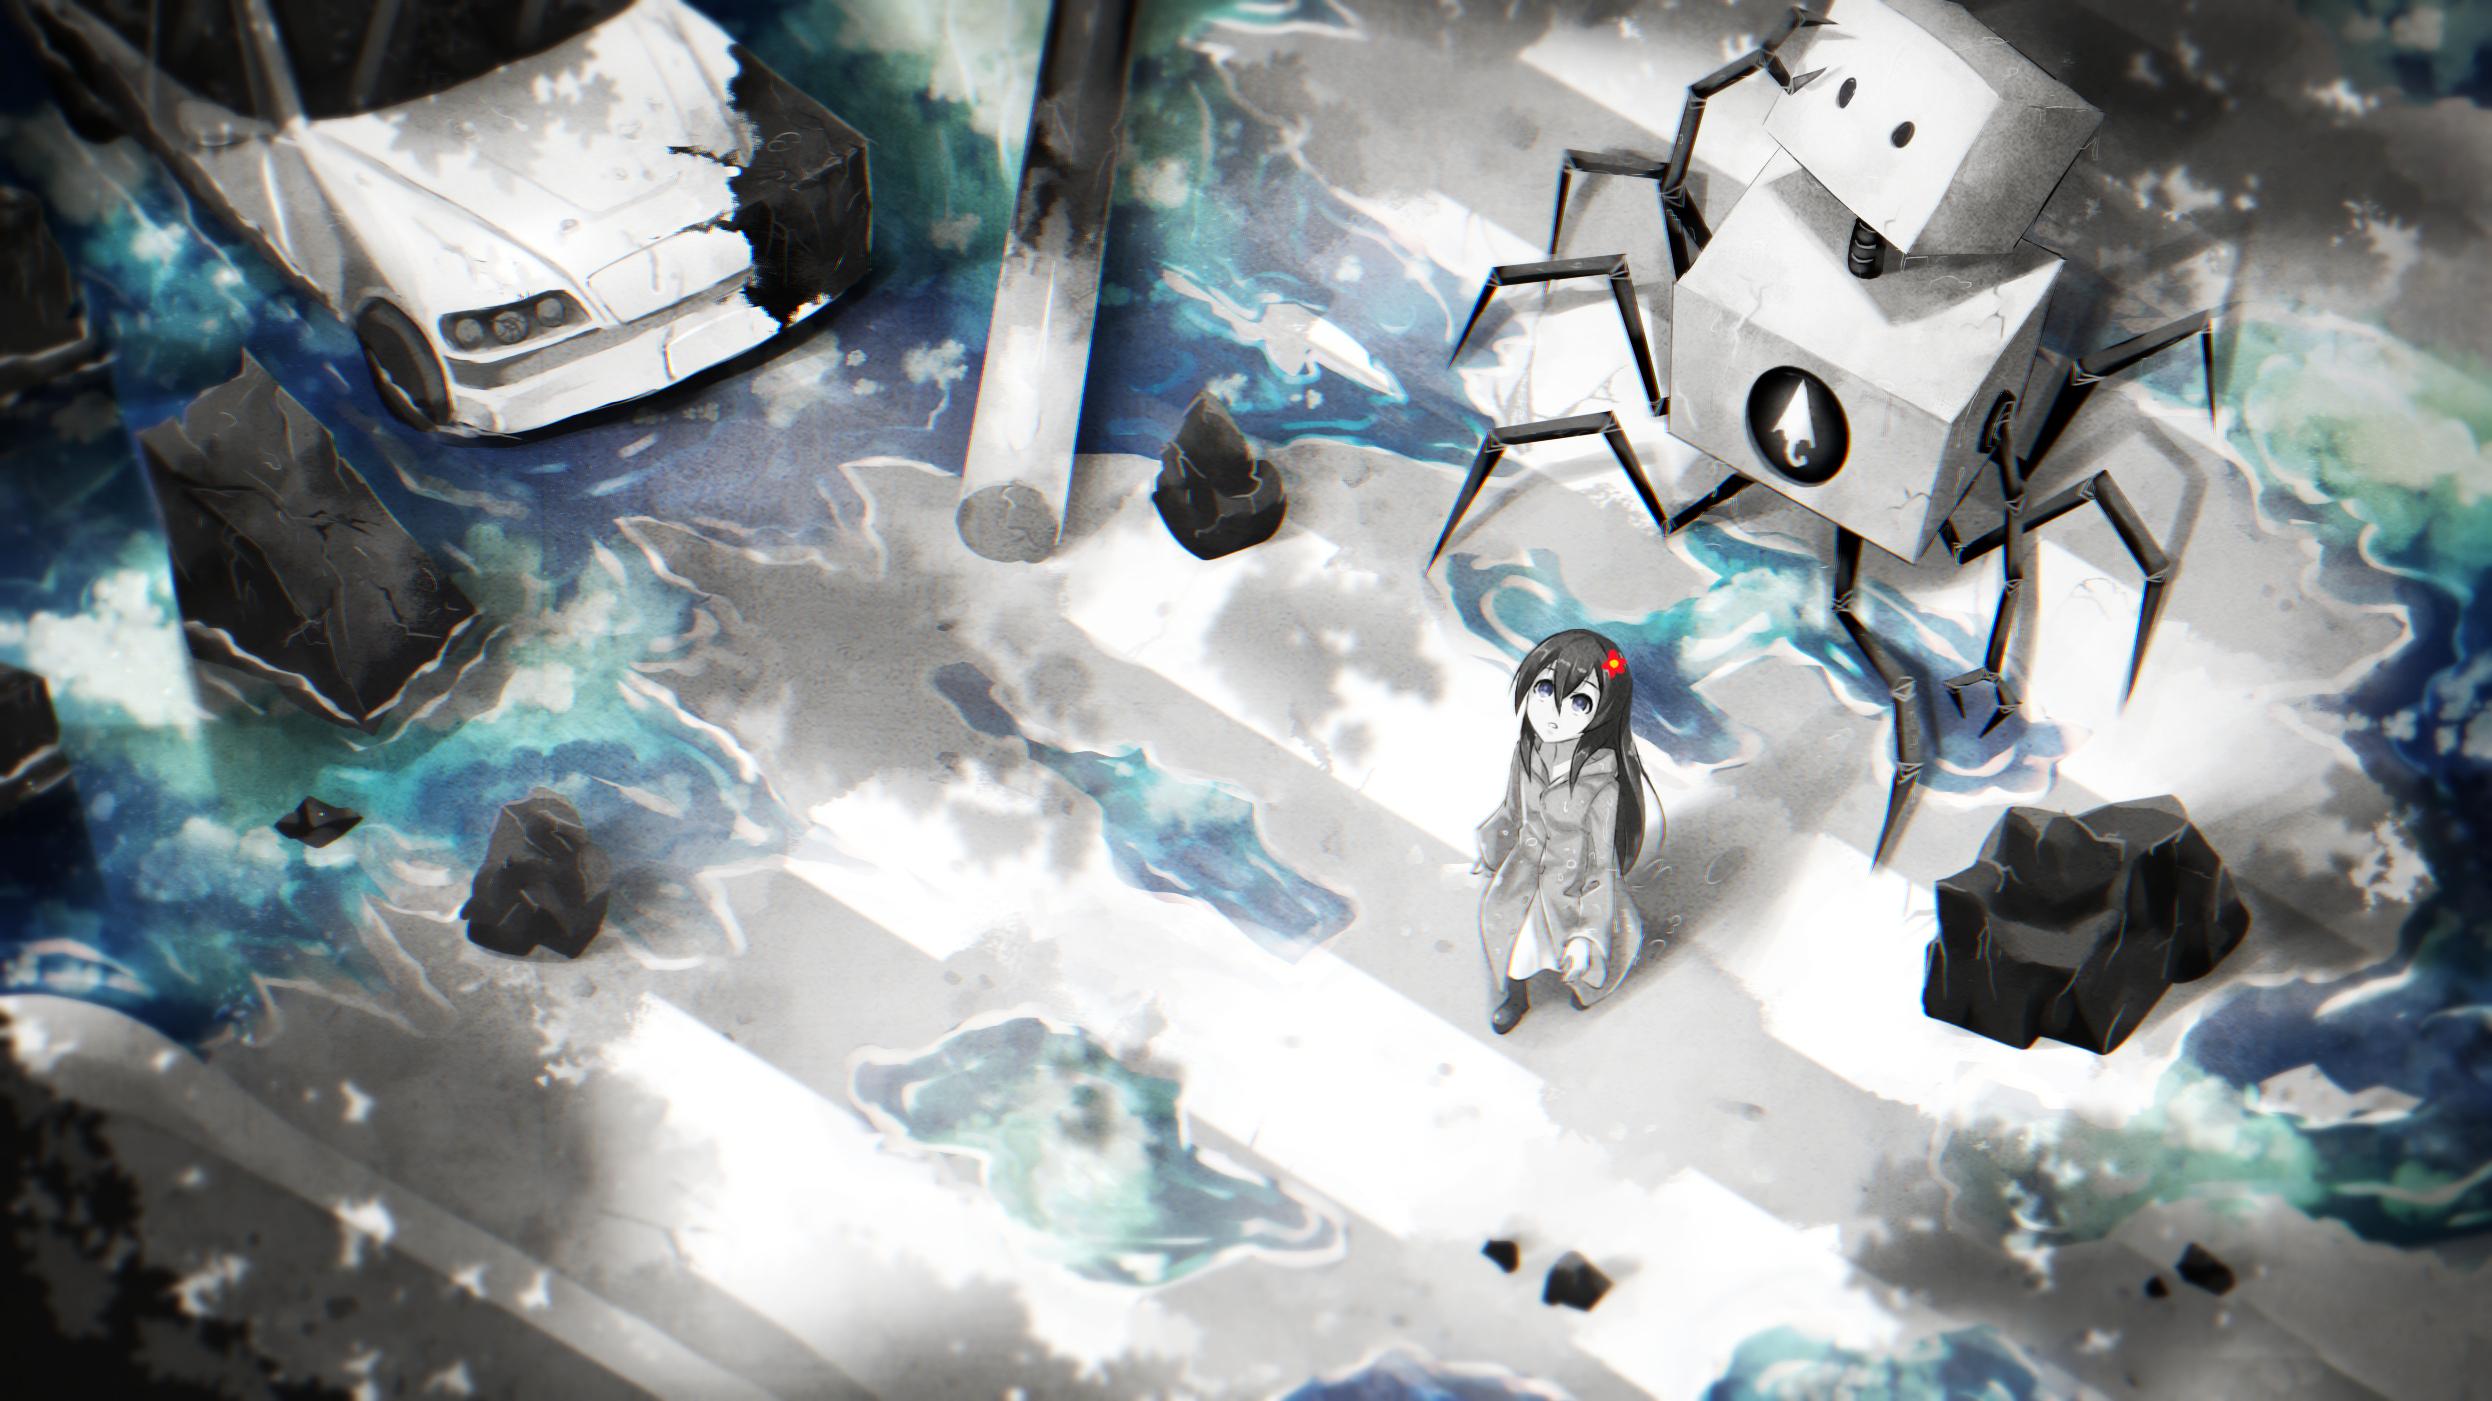 デスクトップ壁紙 アニメ ロボット スペース 青 氷 世界 機械